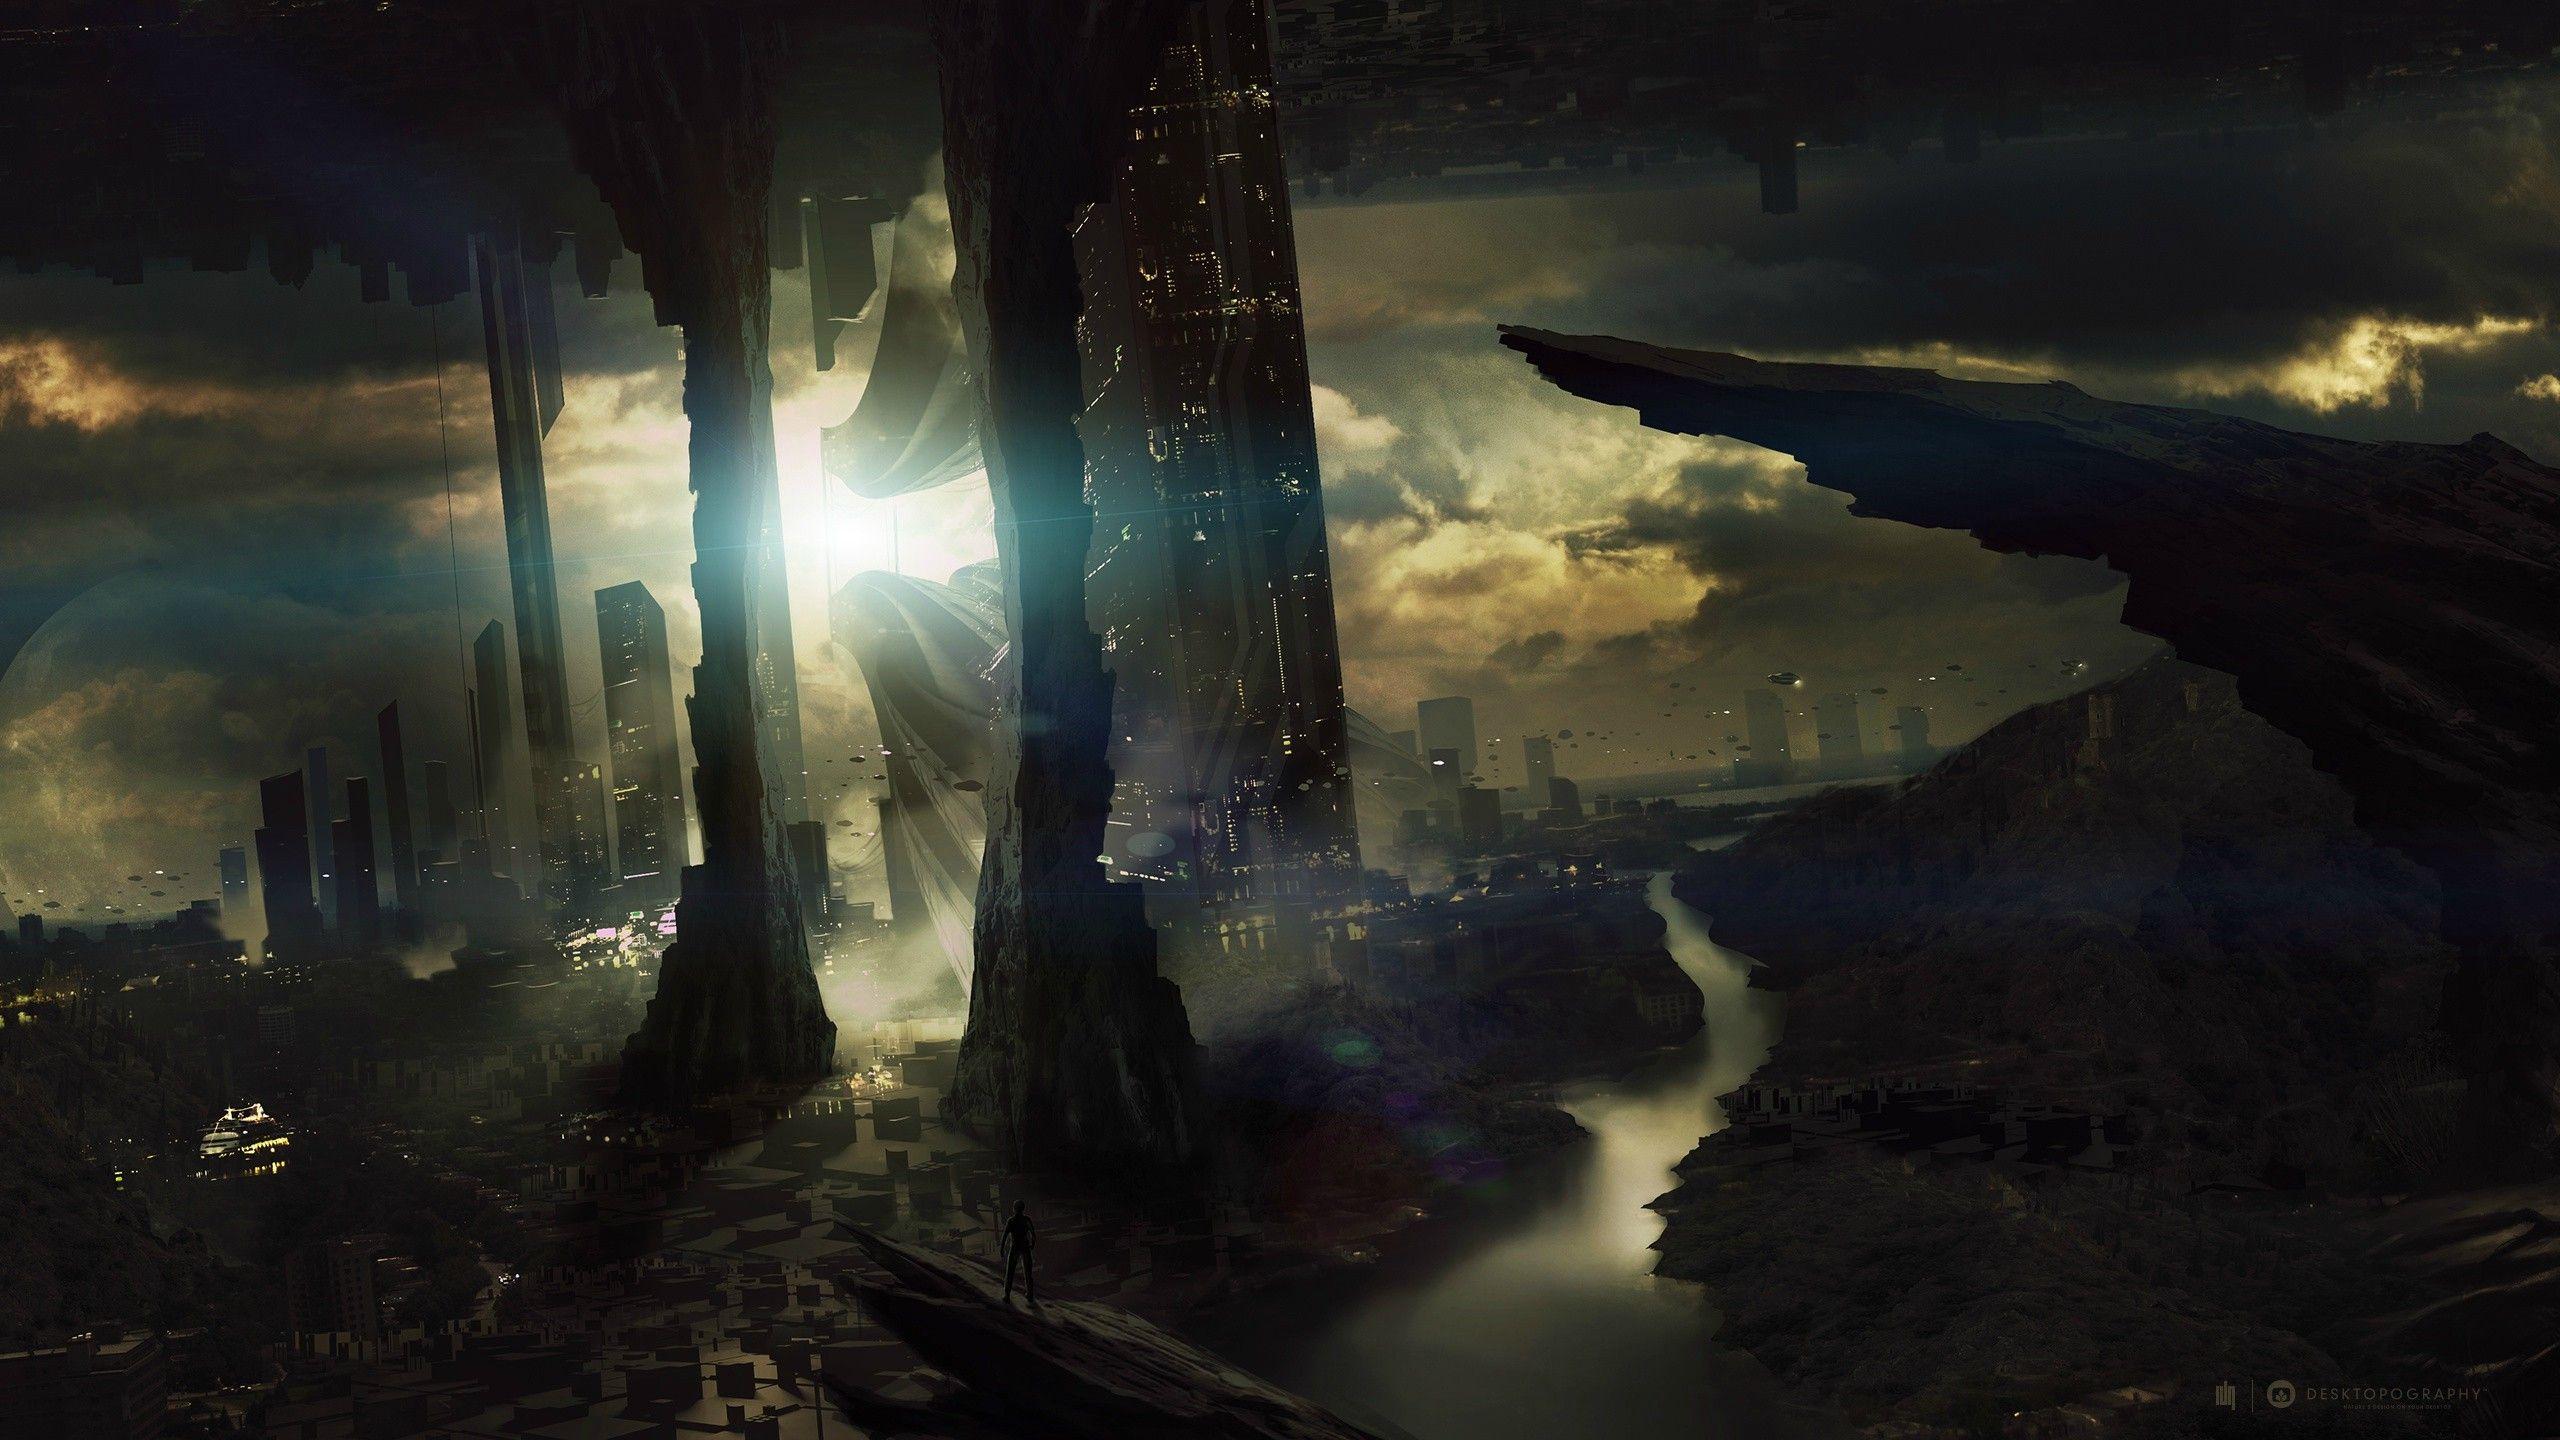 Sci Fi Background Collection Sci Fi Wallpaper Landscape Wallpaper Futuristic City